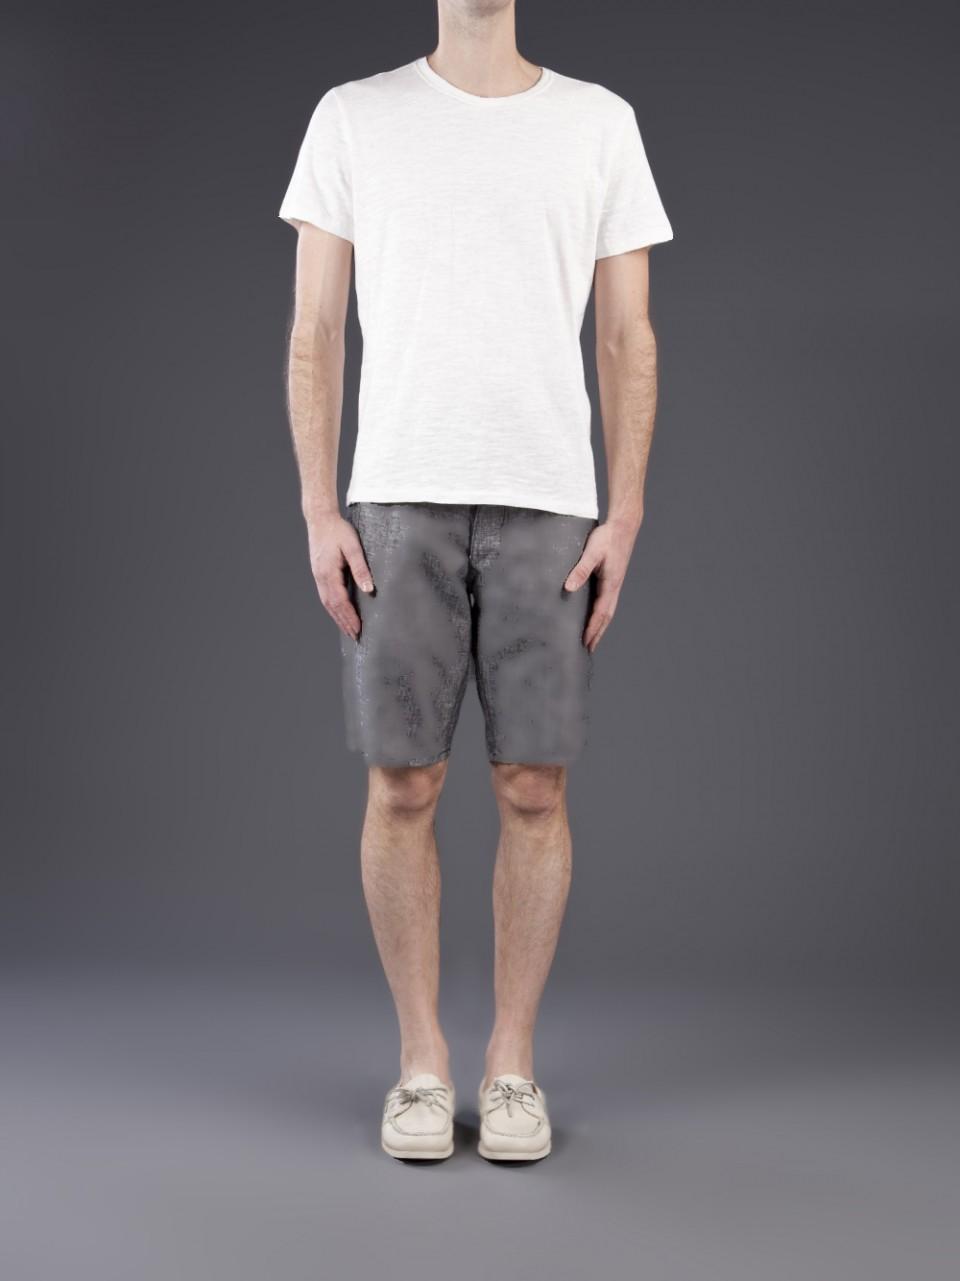 Lyst Rag Bone Basic Tee In White For Men